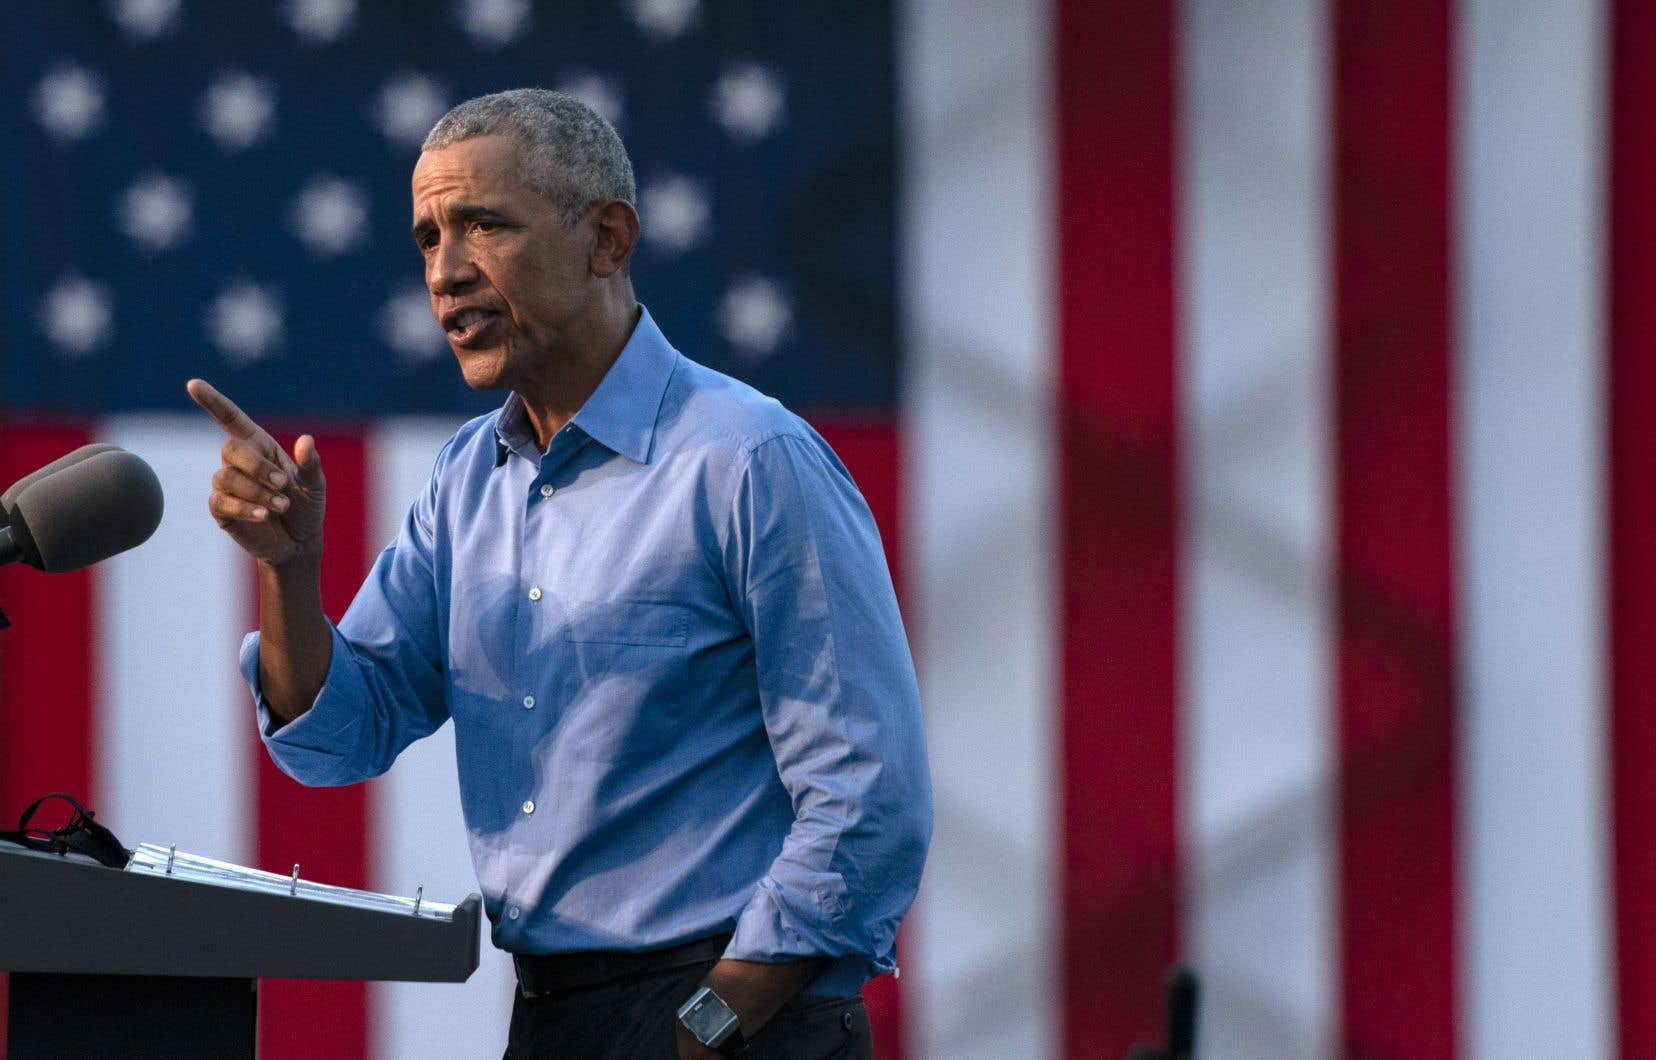 Dans un réquisitoire cinglant contre Donald Trump mercredi à Philadelphie, Barack Obama a dénoncé un président qui s'est montré incapable de prendre son poste «au sérieux».